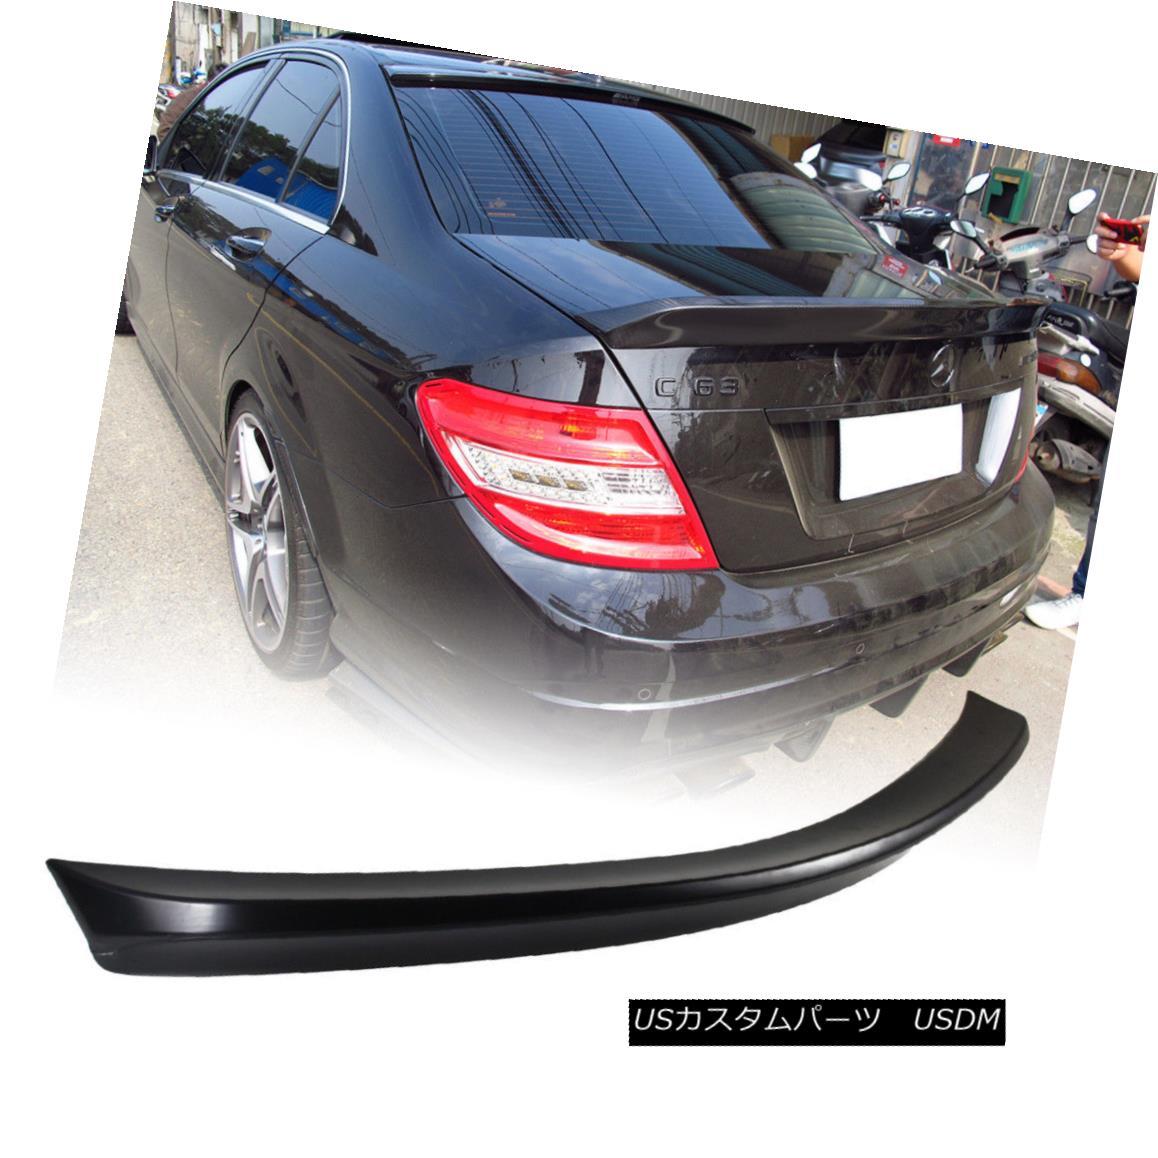 エアロパーツ Painted Mercedes BENZ C Class W204 Sedan V Trunk Spoiler C250 C300 2013 塗装されたメルセデスベンツCクラスW204セダンVトランクスポイラーC250 C300 2013